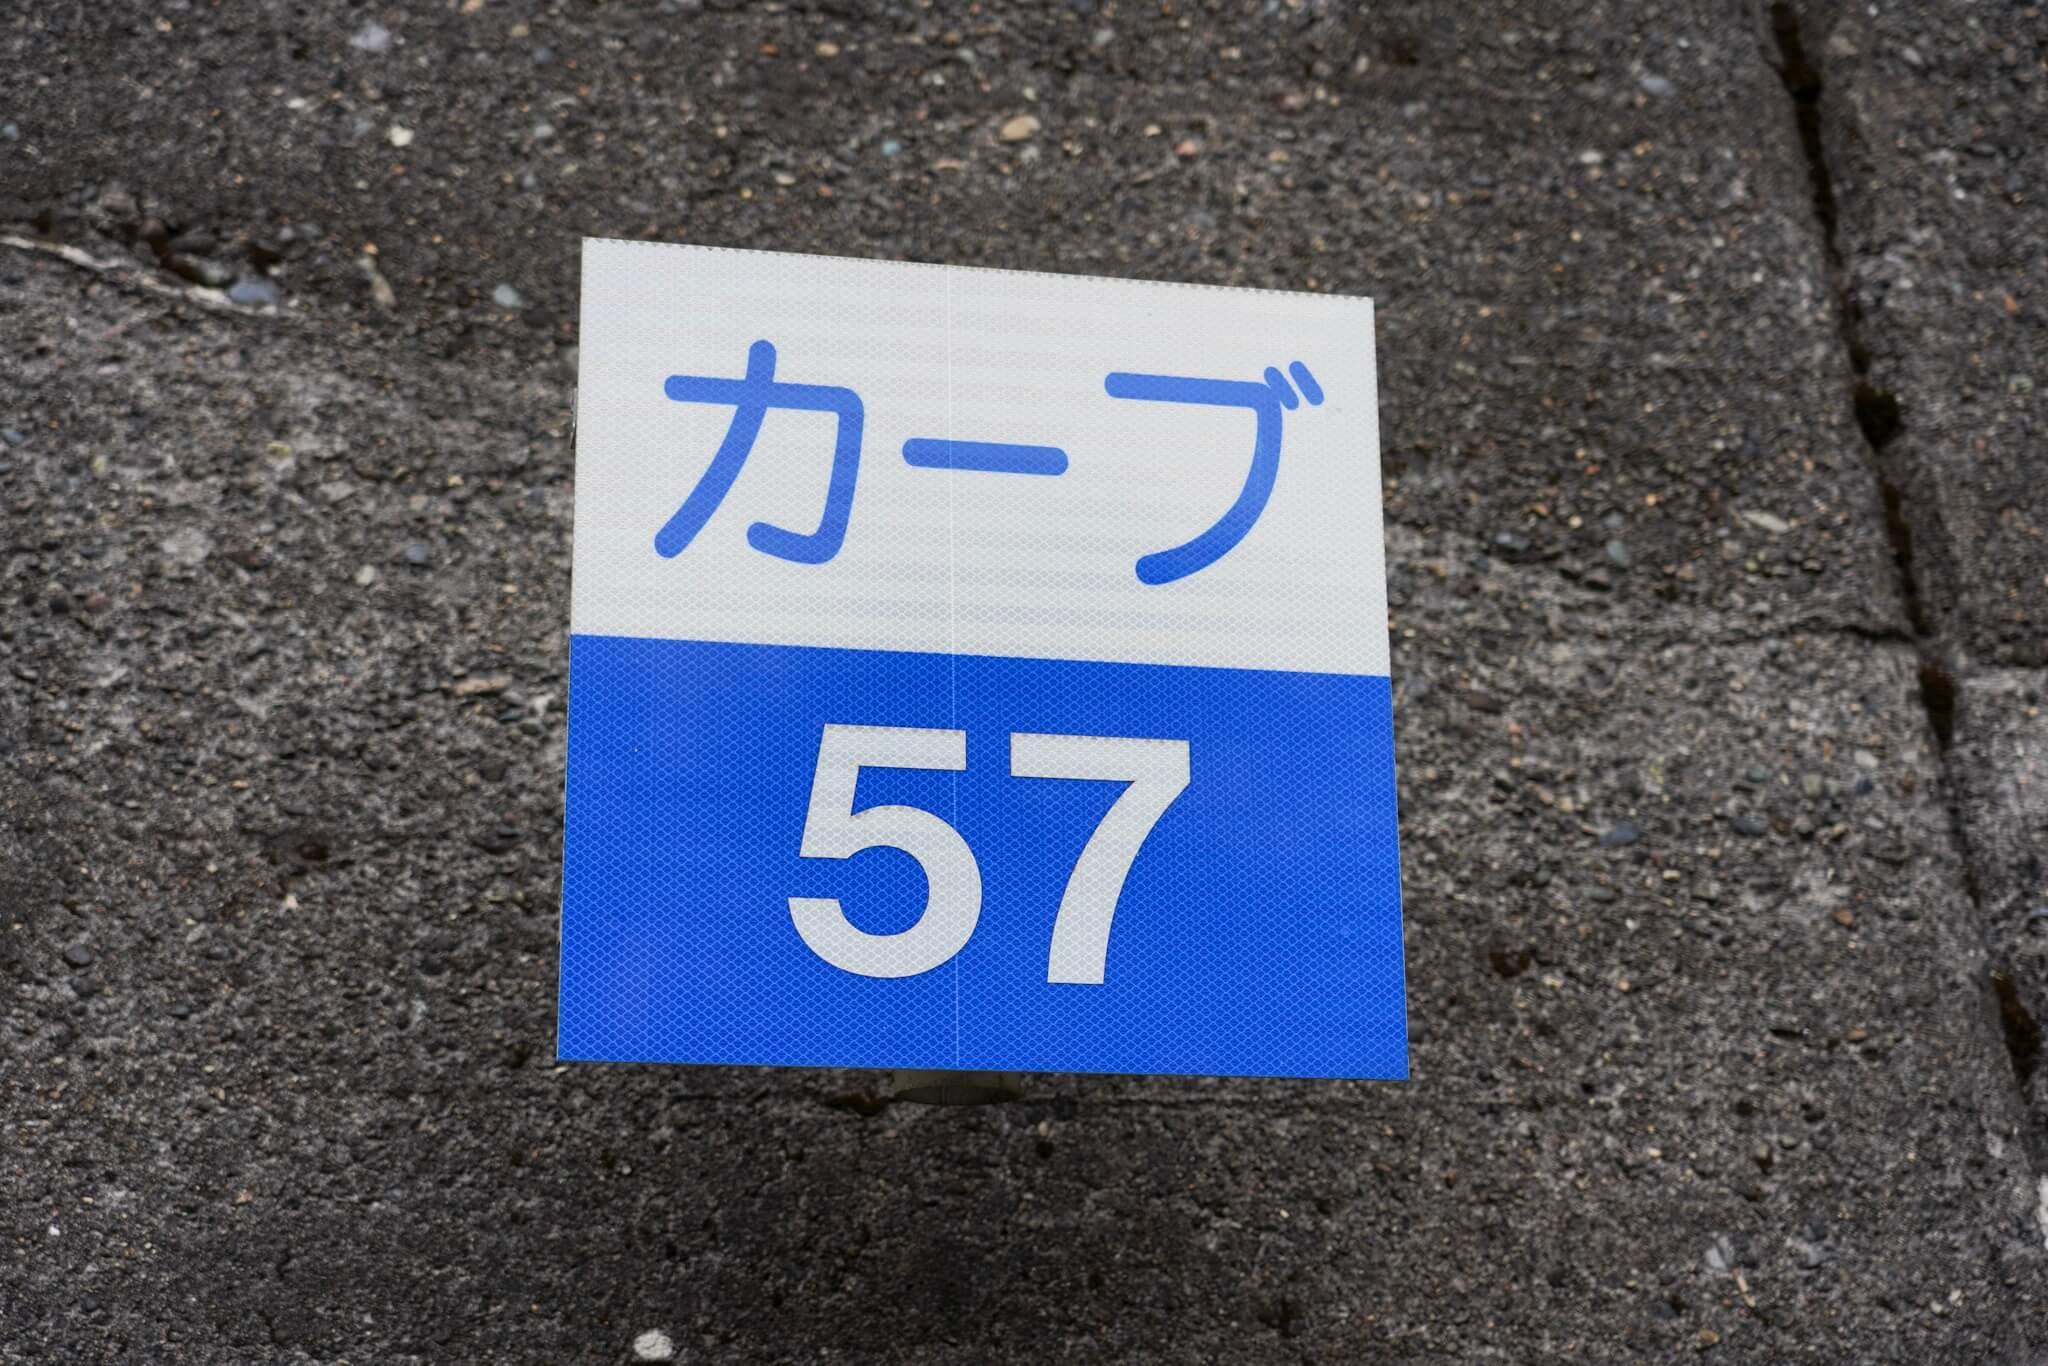 赤城山 峠 カーブNo.57